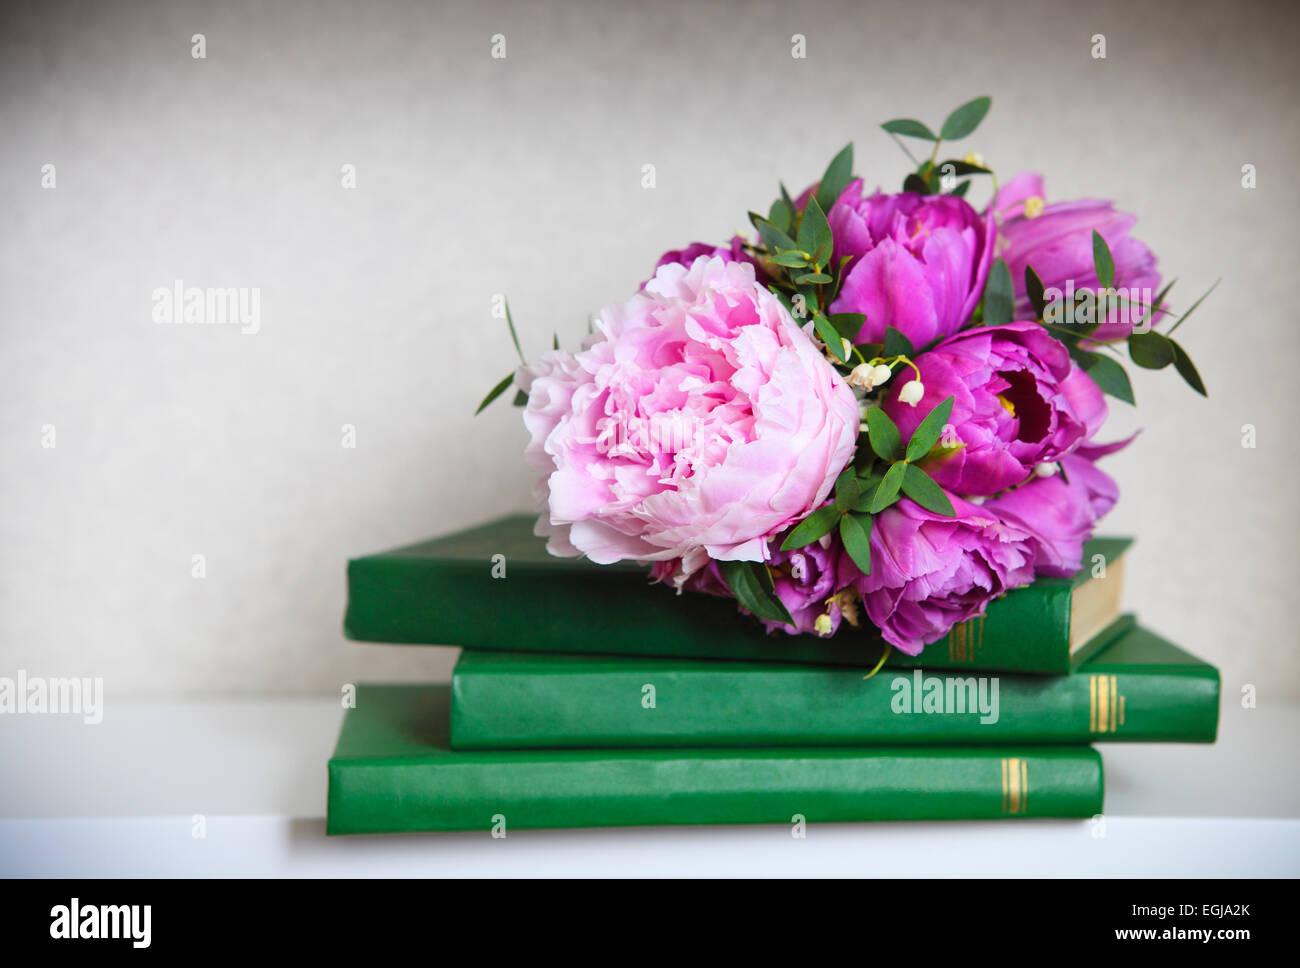 Brautstrauss Von Einer Rosa Pfingstrosen Tulpen Und Maiglockchen Auf